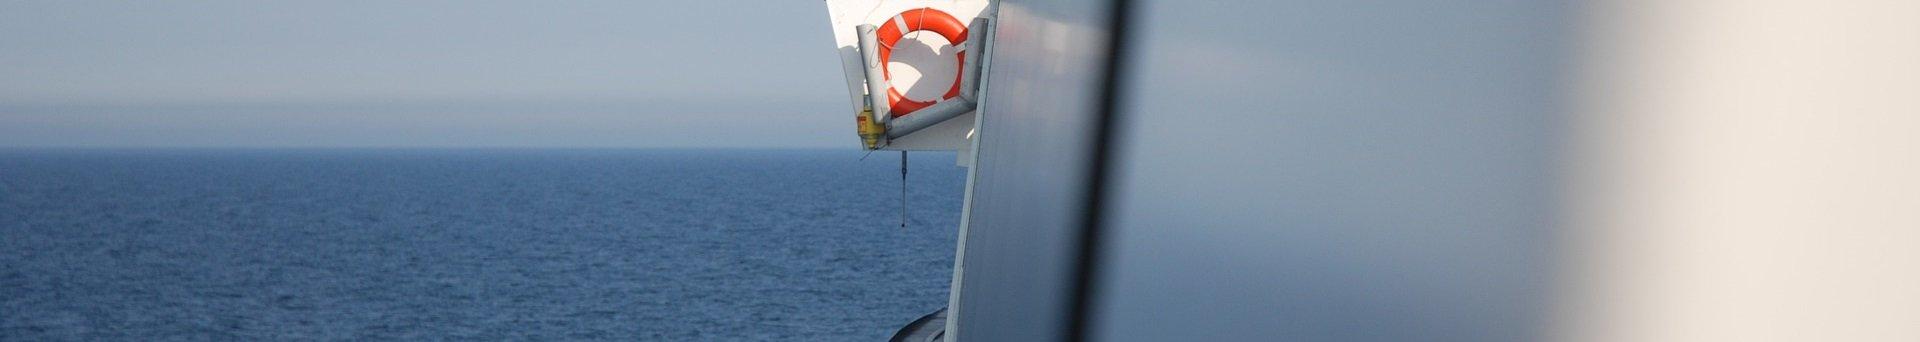 Ulusarası Denizcilik Örgütü (IMO)